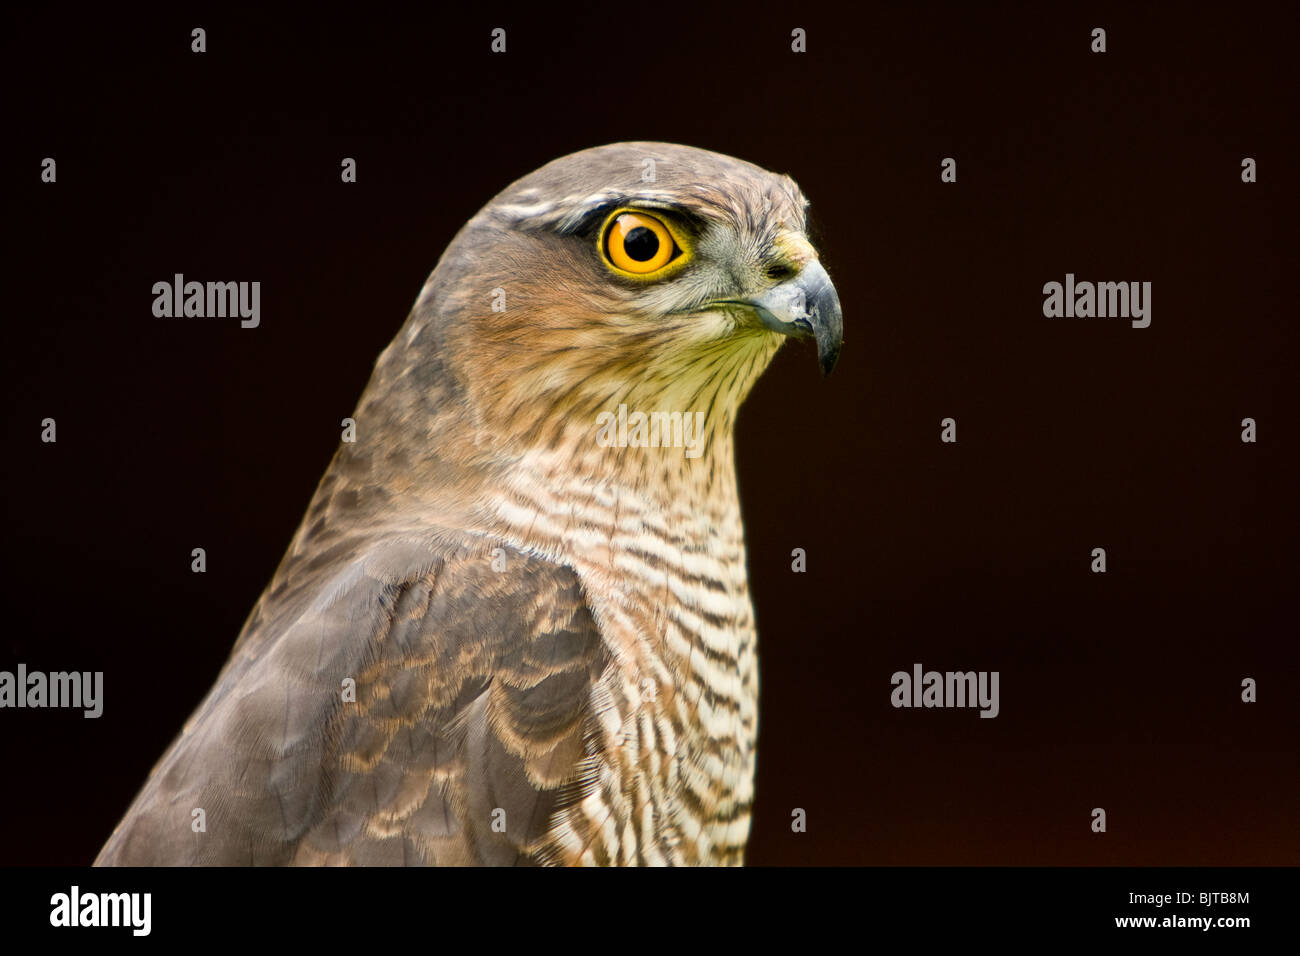 Hawk Eye Stock Photos Amp Hawk Eye Stock Images Alamy